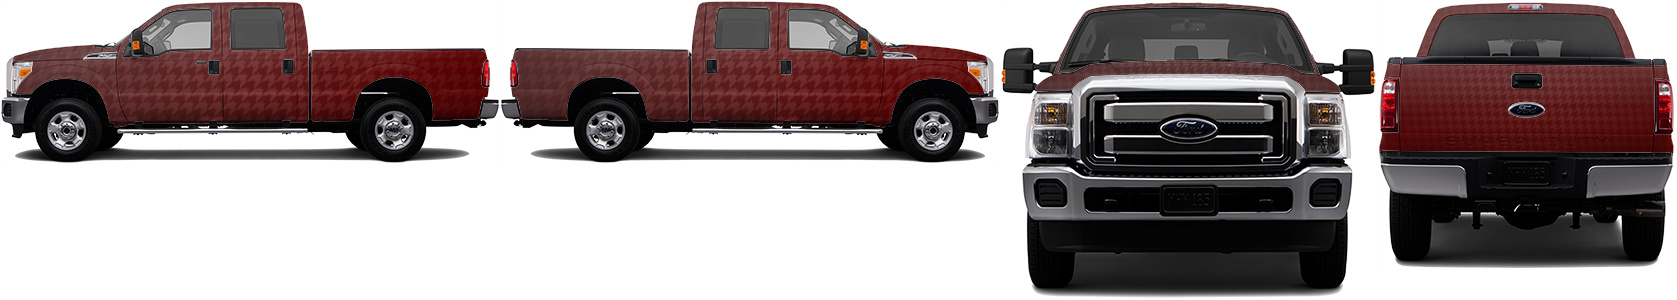 Truck Wrap #49449